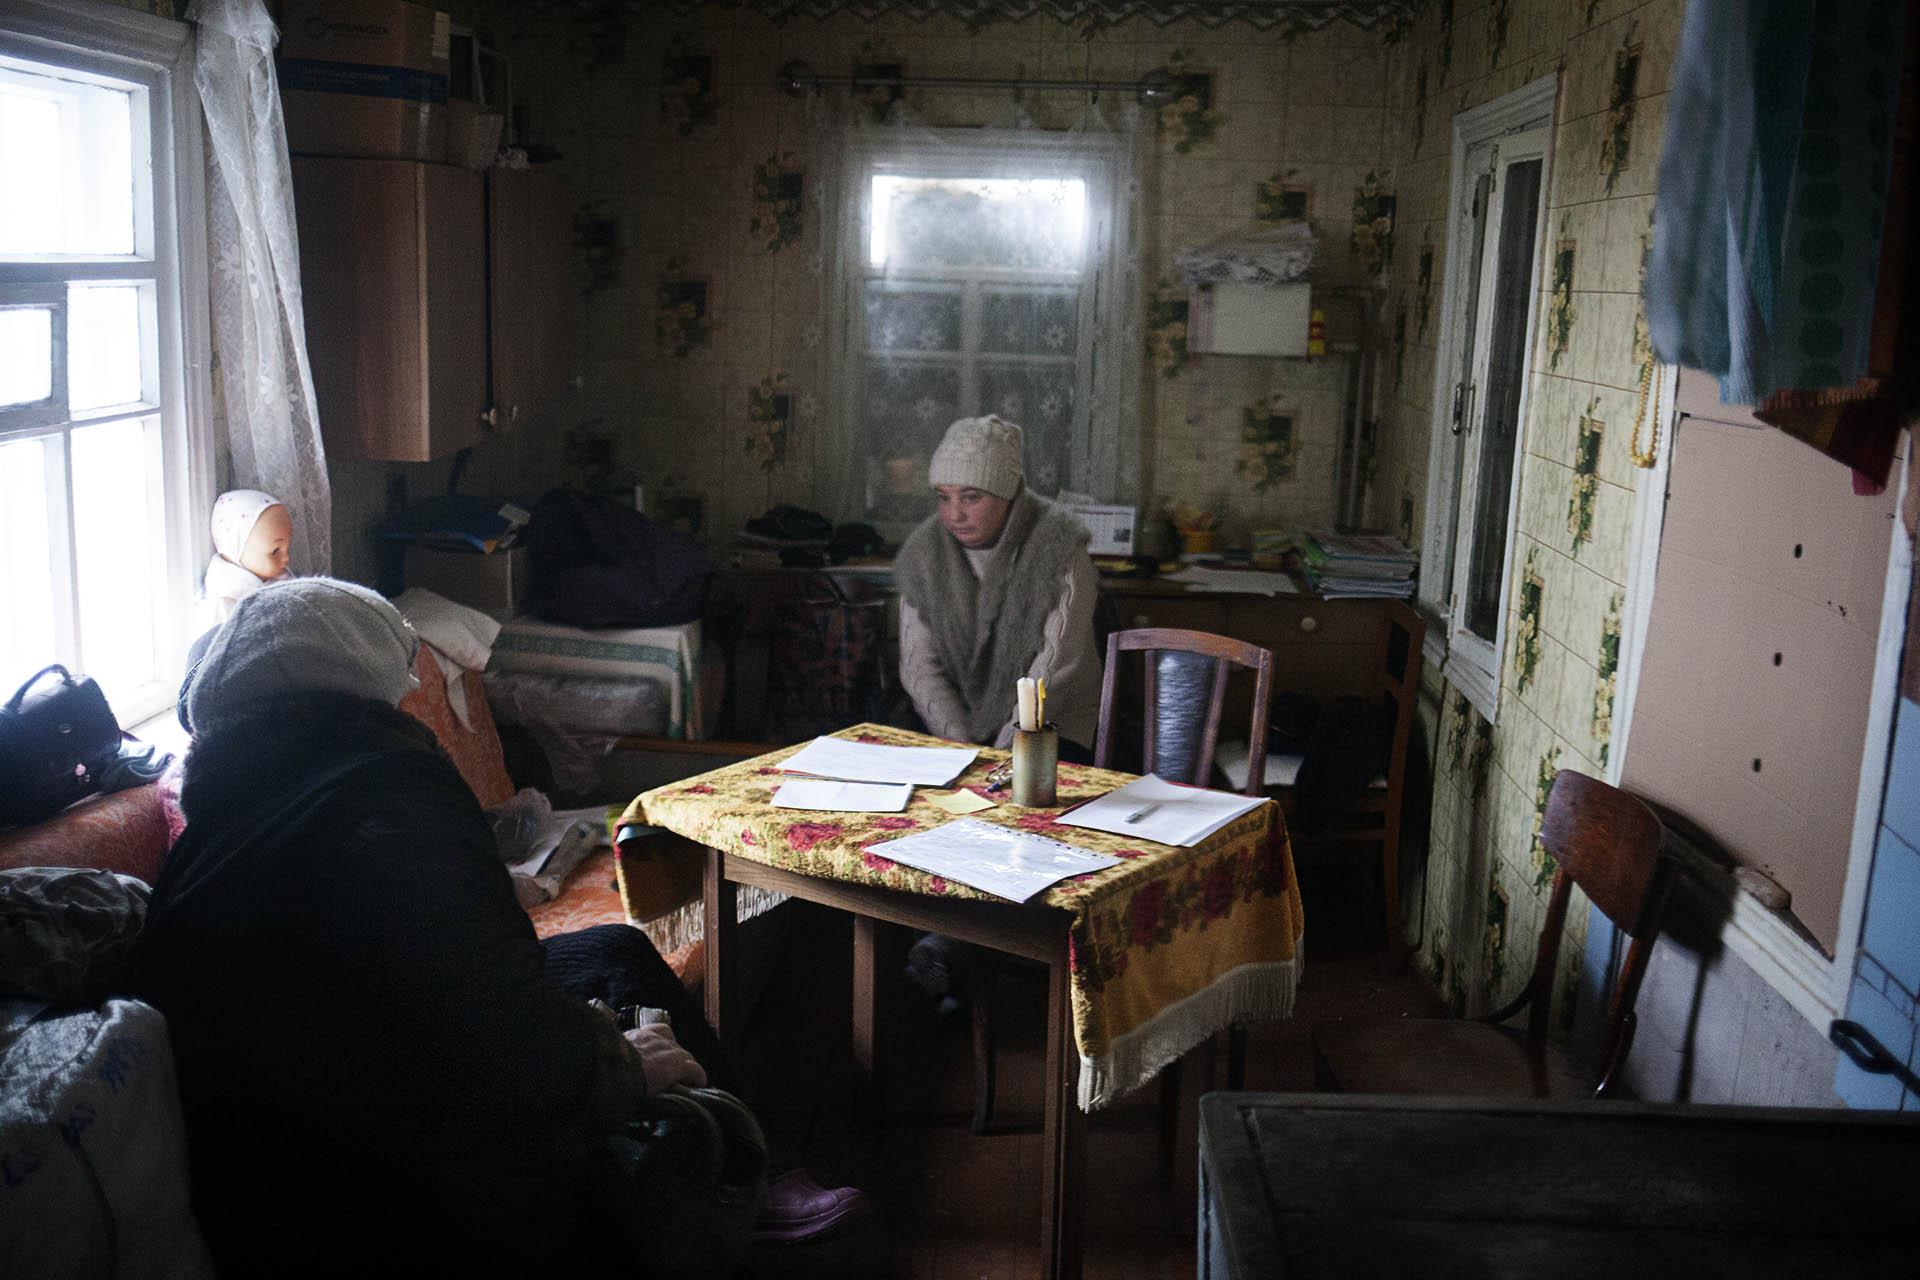 Interior de una casa en Zaitsevo. las temperaturas llegan a -25ºc y no hay calefacción.